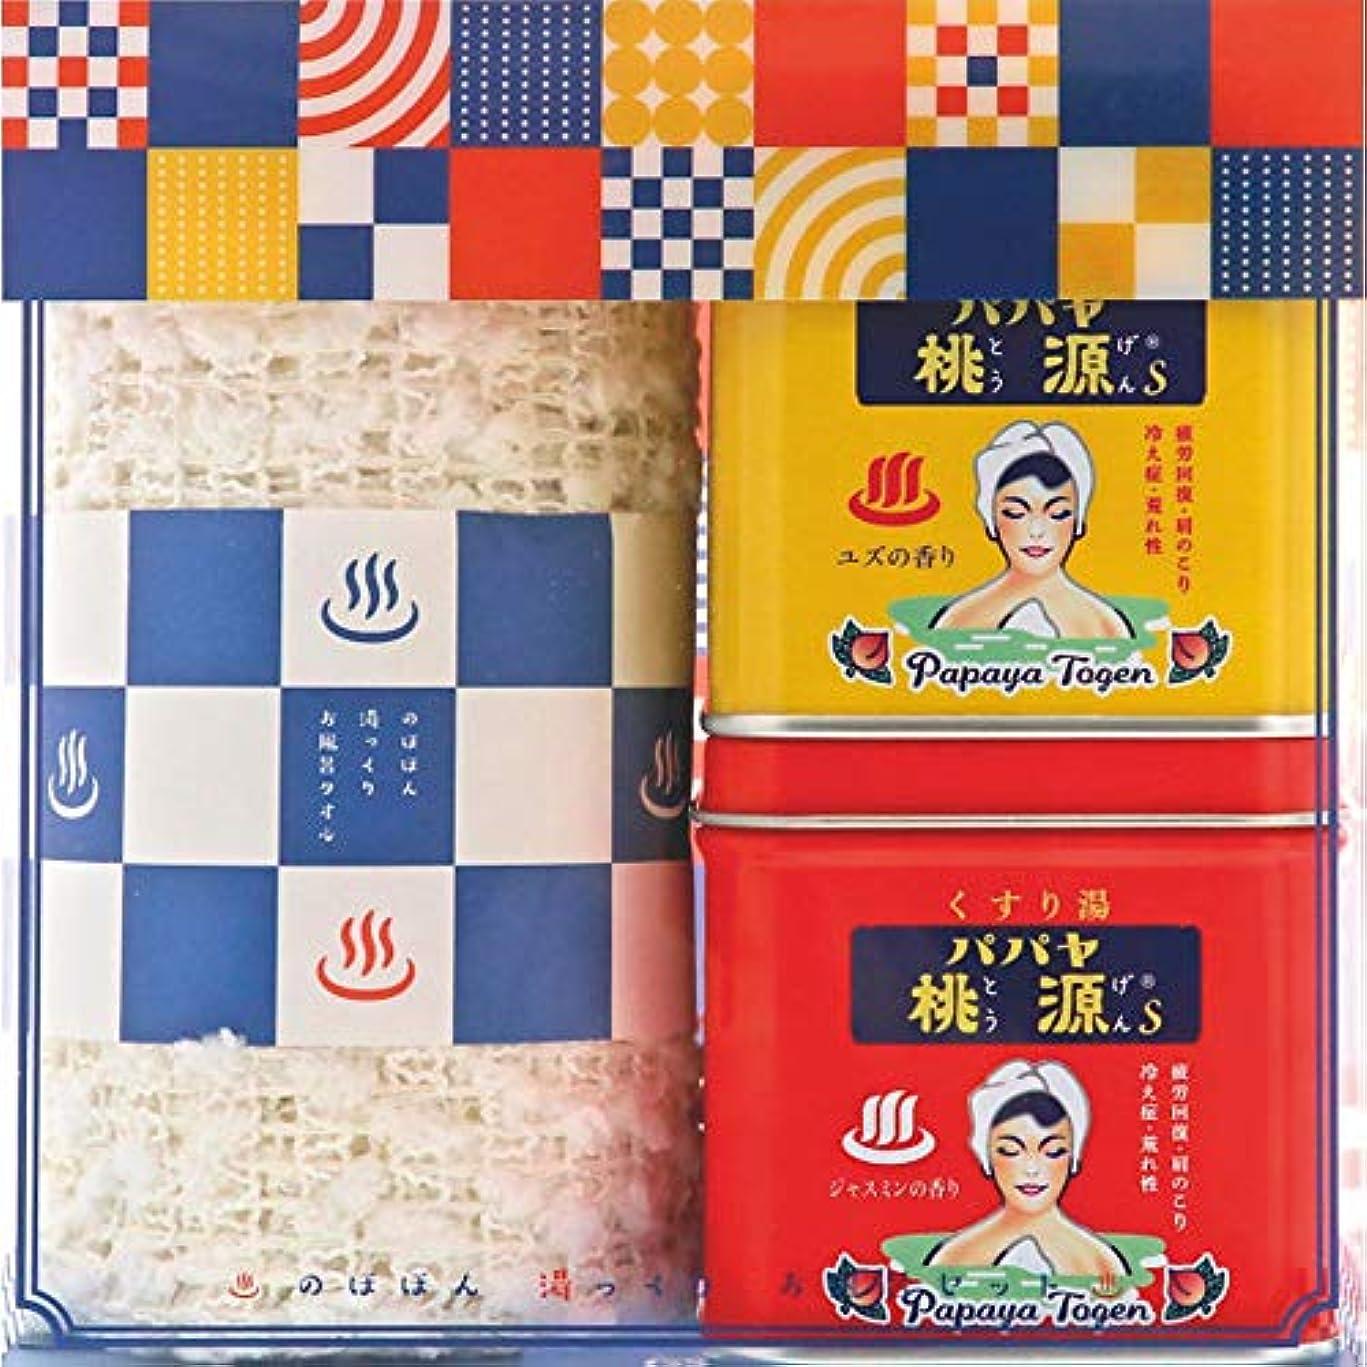 風味感じる噴水パパヤ桃源 のほほん湯っくりお風呂セットA (五洲薬品) 入浴剤 ユズ(70g)+ジャスミン(70g)+タオル